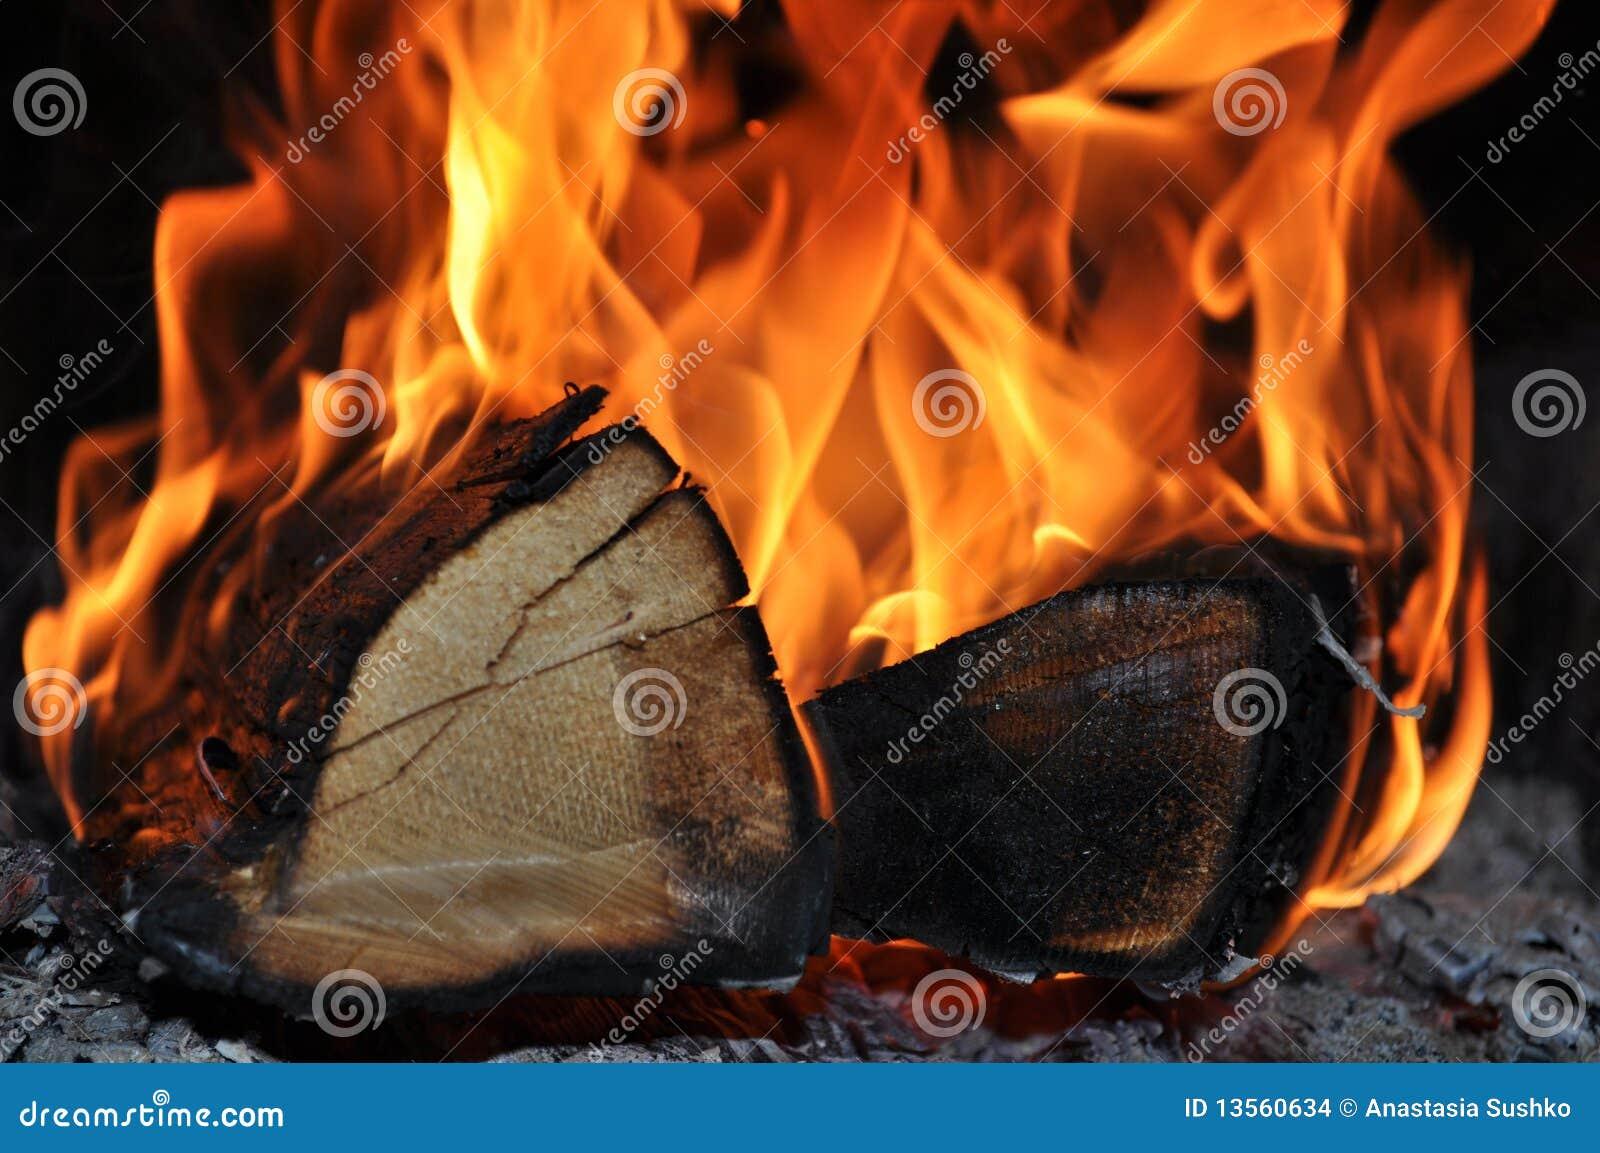 das holz brennt auf feuer stockfoto. bild von flamme - 13560634